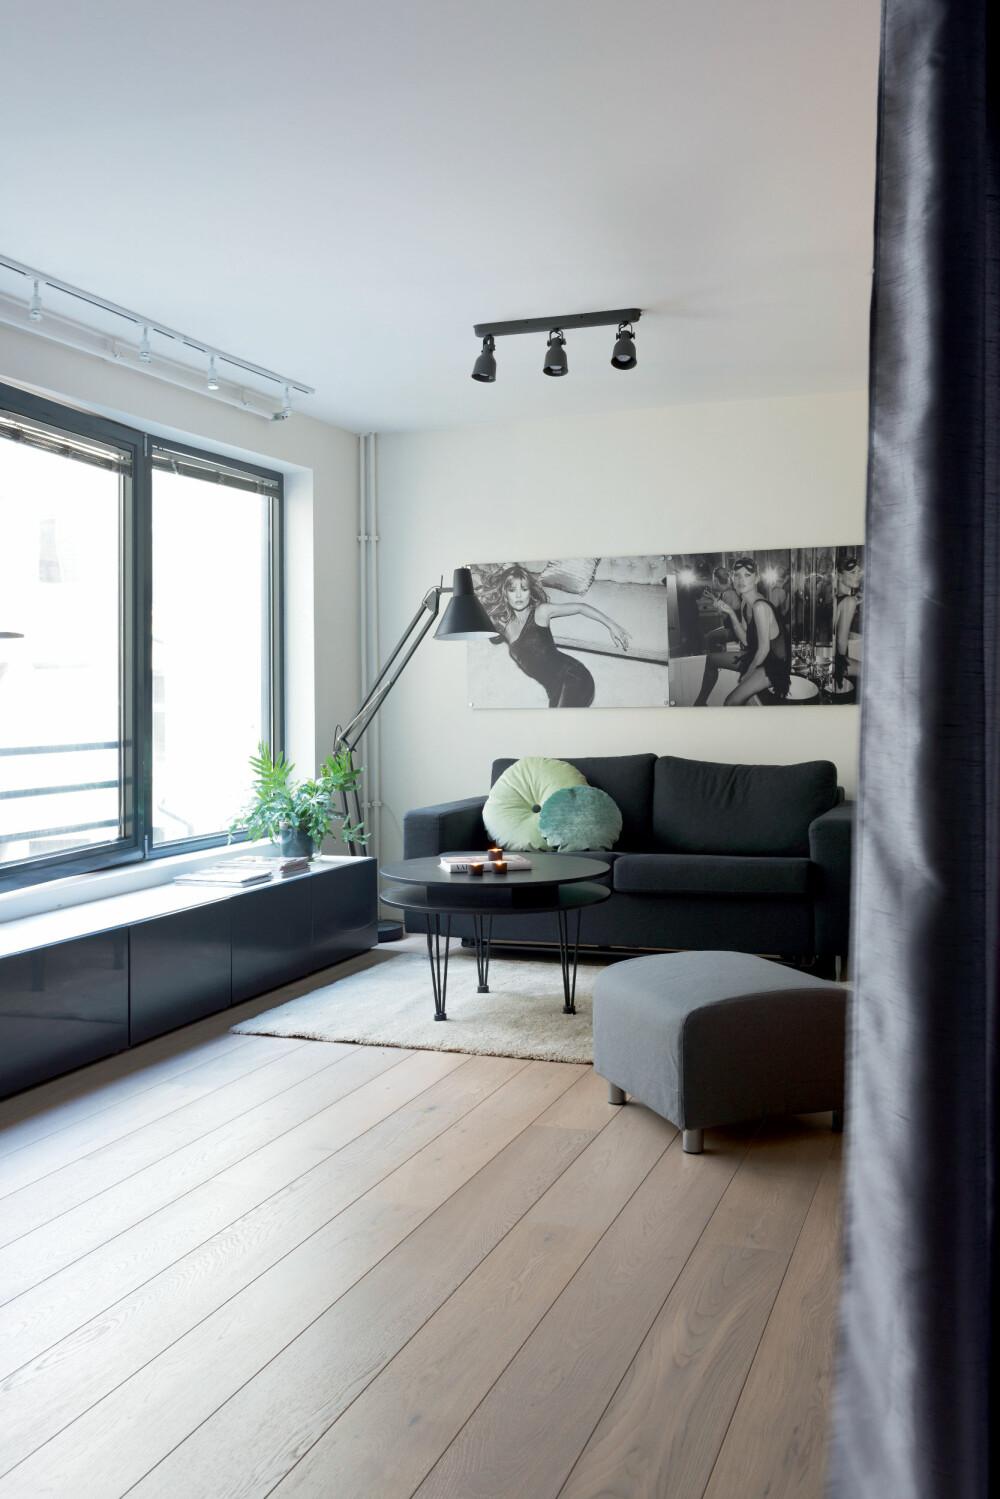 STORT ALLROM: Når forhenget trekkes fra smelter sovesonen sammen med allrommet slik at leiligheten virker overraskende rommelig. Oppbevaringsmøbelet langs vindusrekken kan brukes som sittebenk, slik at stuen kan samle mange mennesker samtidig.